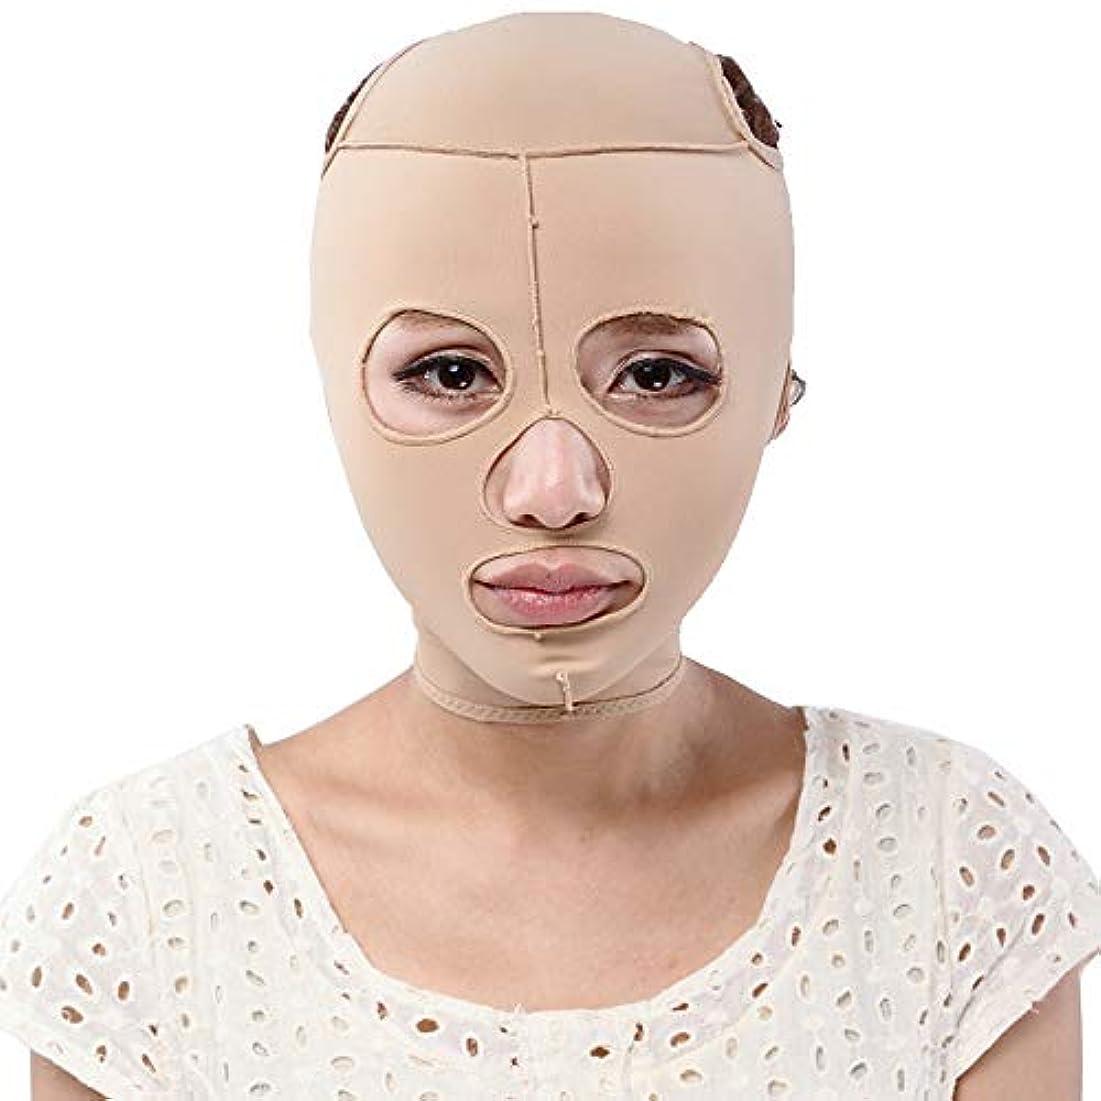 雰囲気欠伸テーブル睡眠薄い顔の包帯、ダブル顎の顔を持ち上げる小物V顔マスクタイプリフティングフェイシャル,S